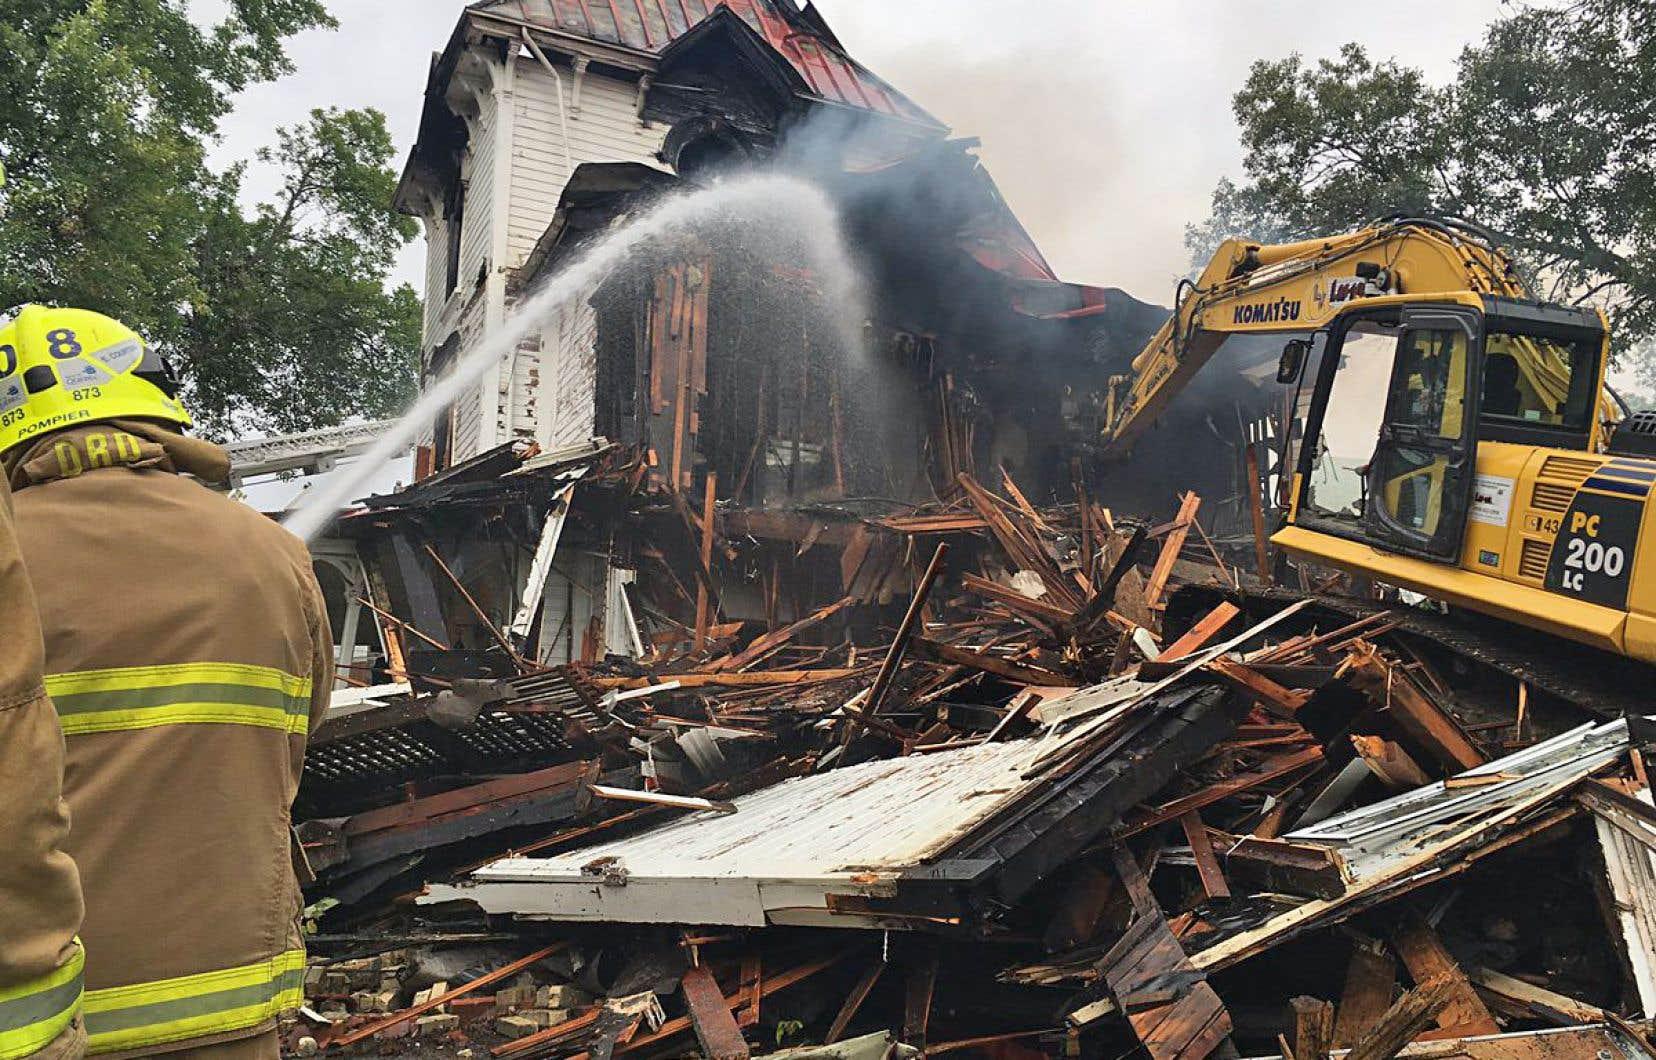 L'enquête pour déterminer les causes de l'incendie a été confiée au Service de police de la Ville de Québec, en collaboration avec le Commissariat aux incendies.